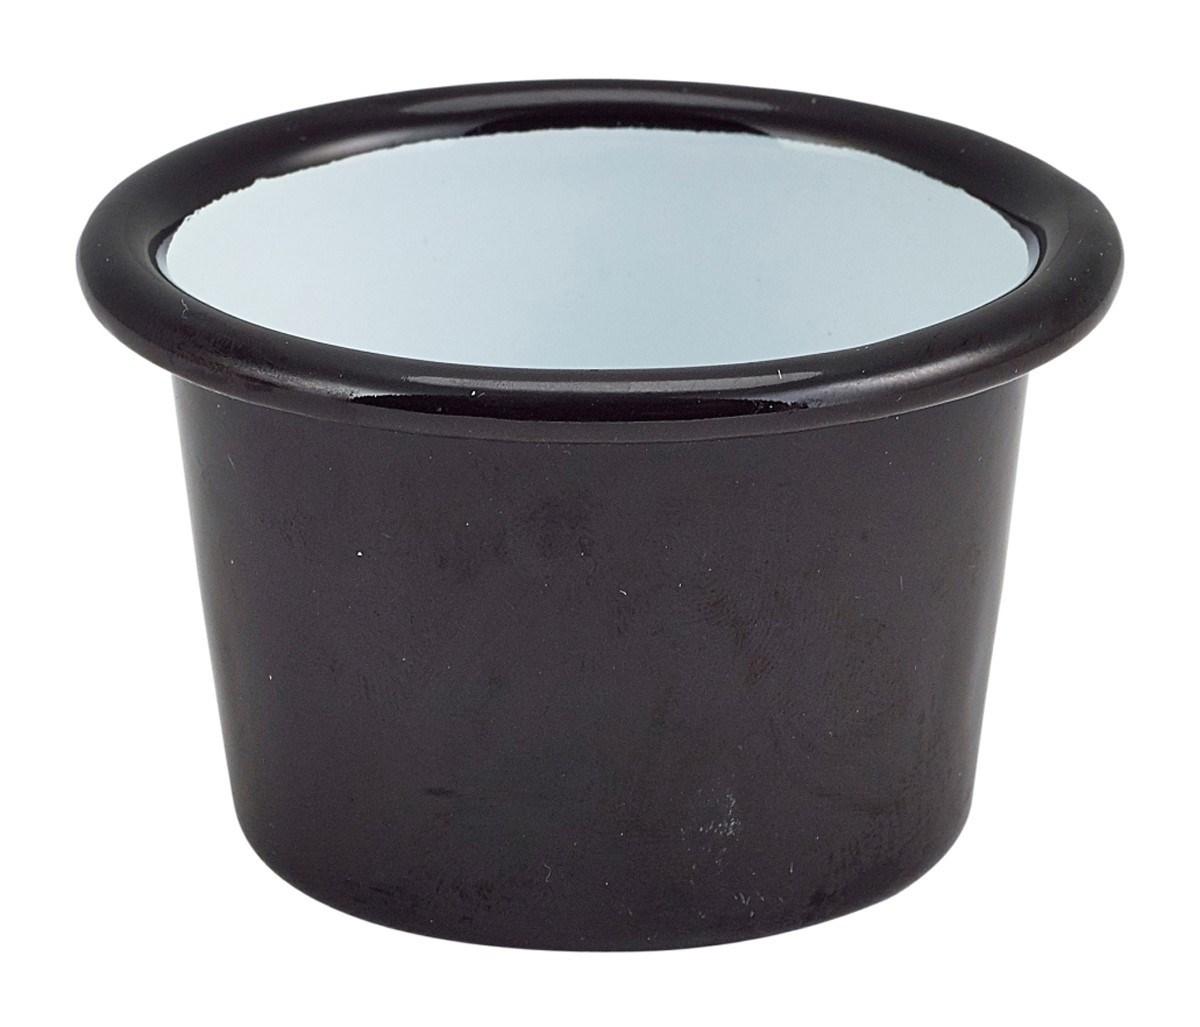 Productafbeelding Emaille ramekin zwart met zwarte rand Ø6,8cm 90ml